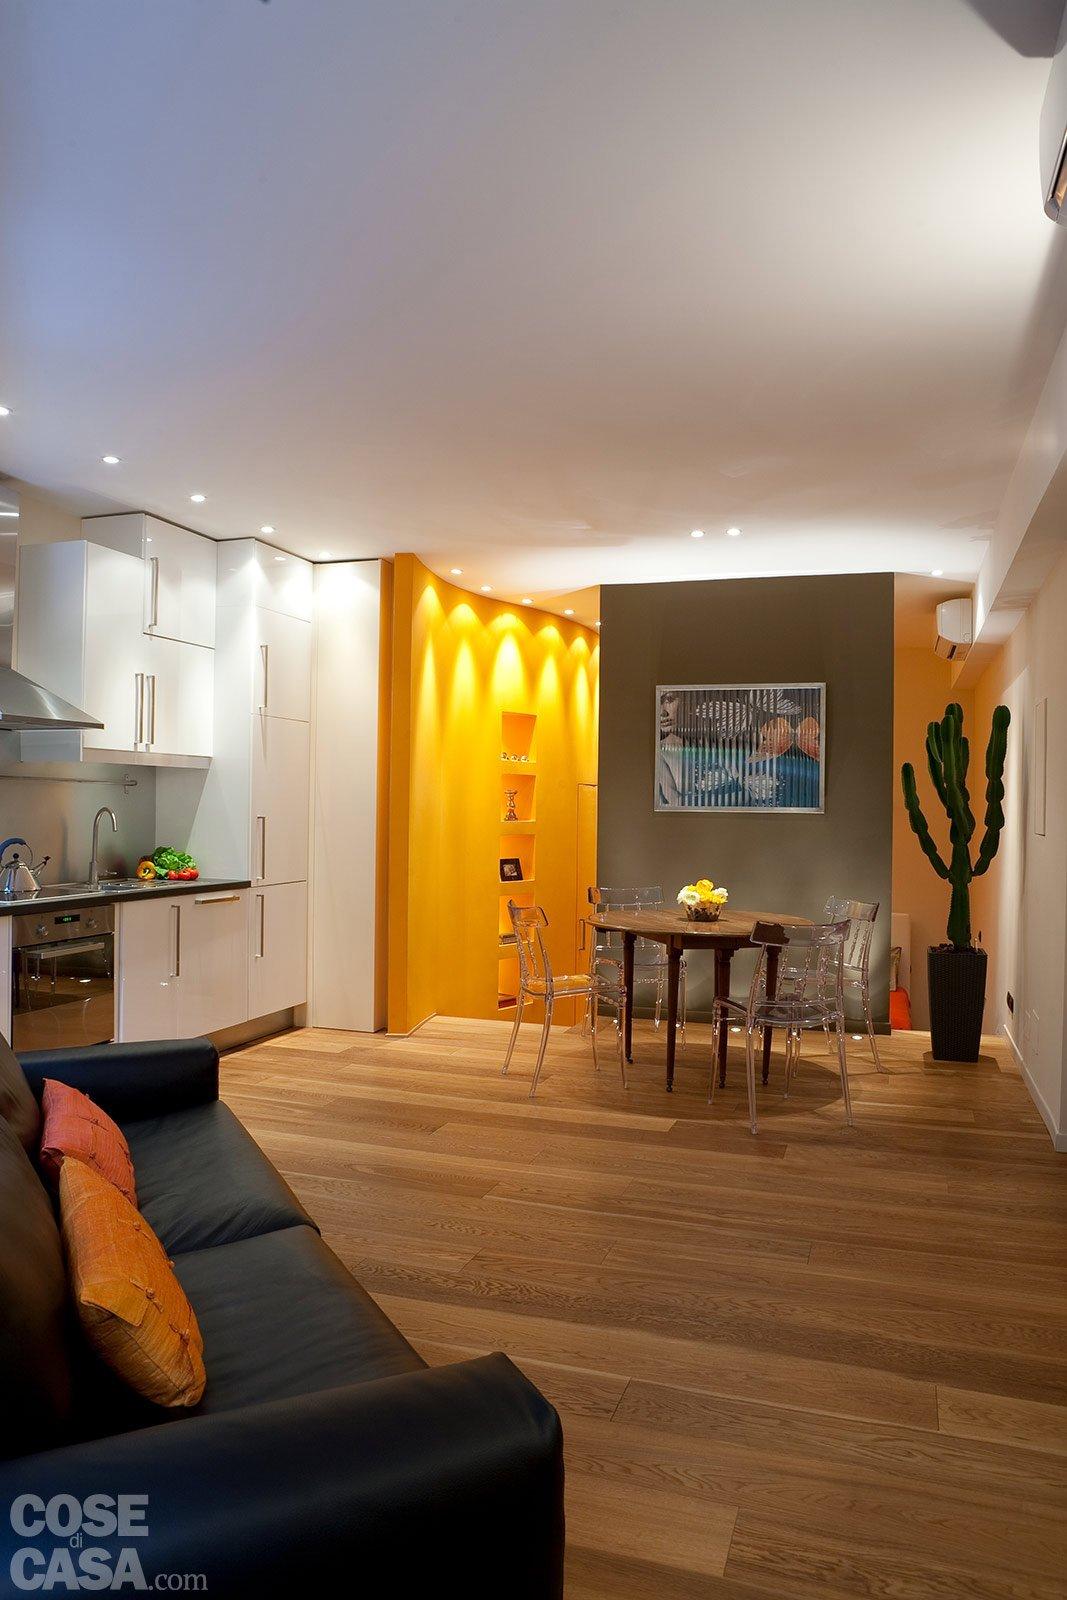 Una casa mini con curve e nicchie risolutive cose di casa for Case di casa